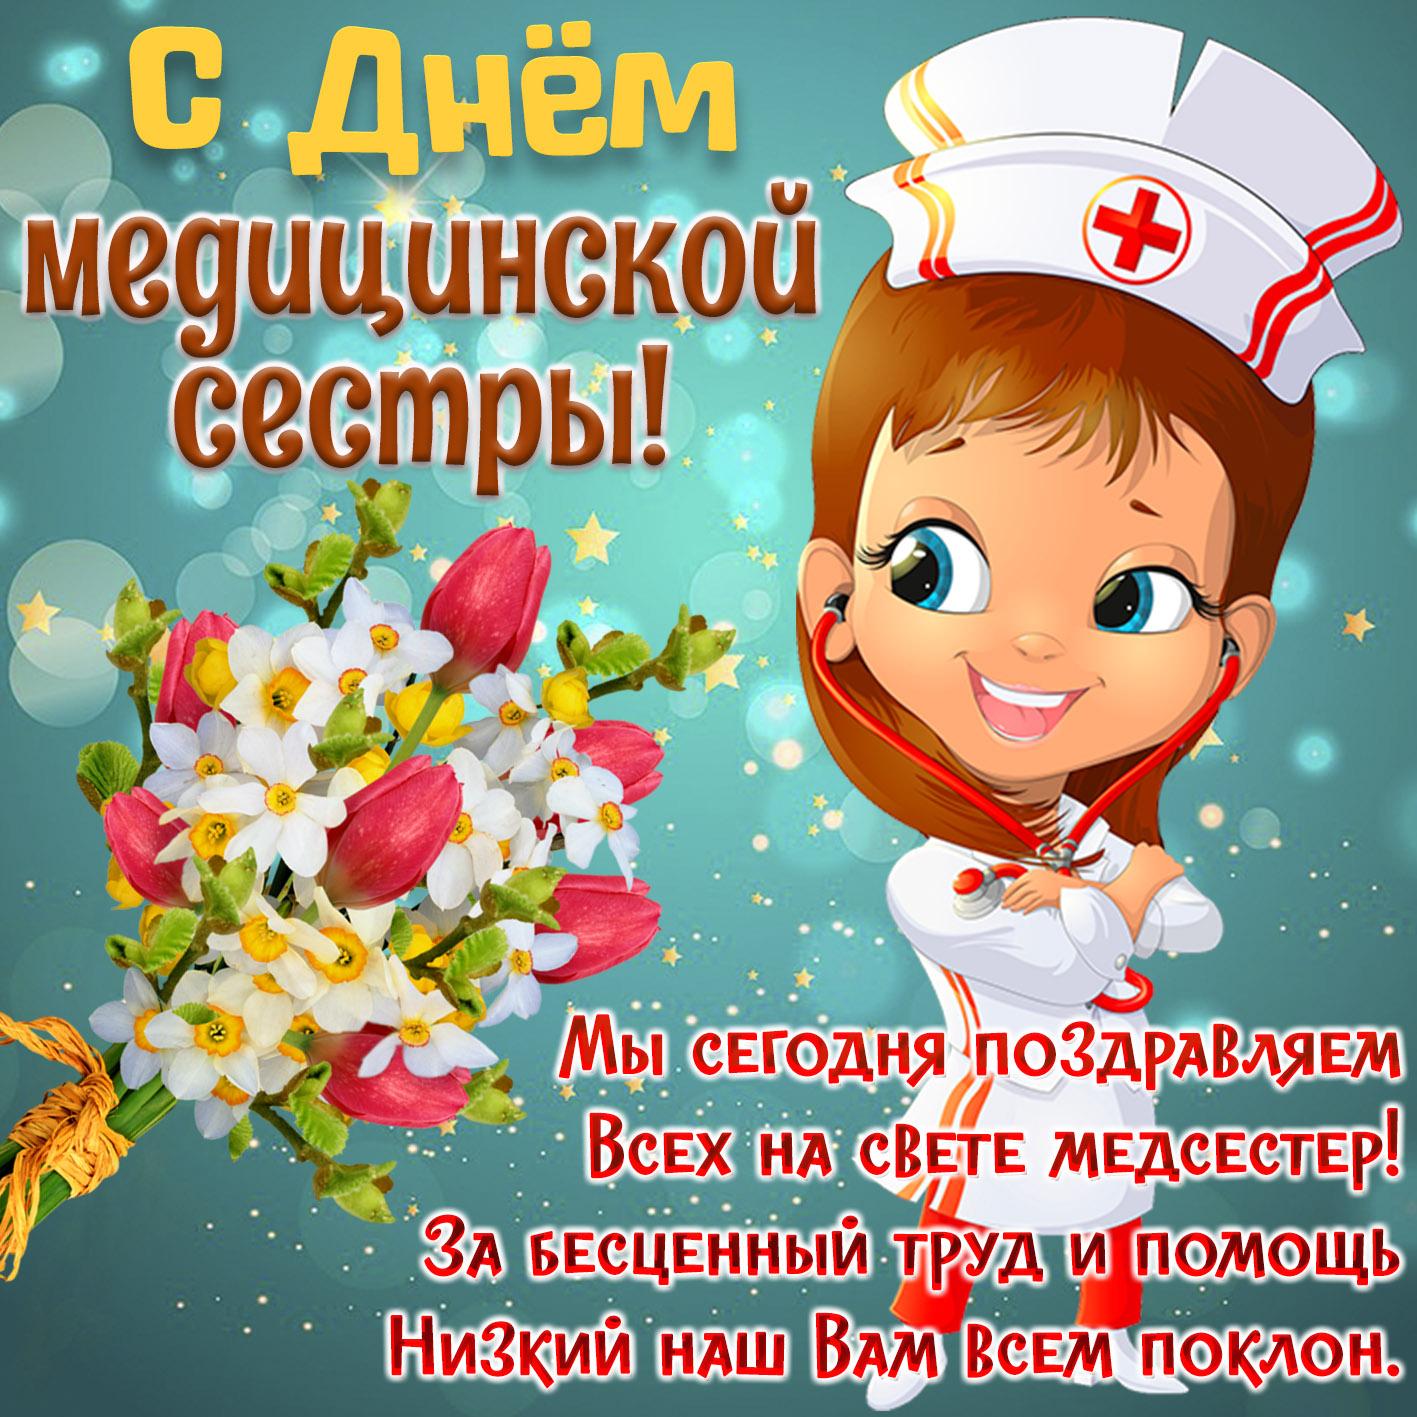 Картинки с международным днем медицинской сестры